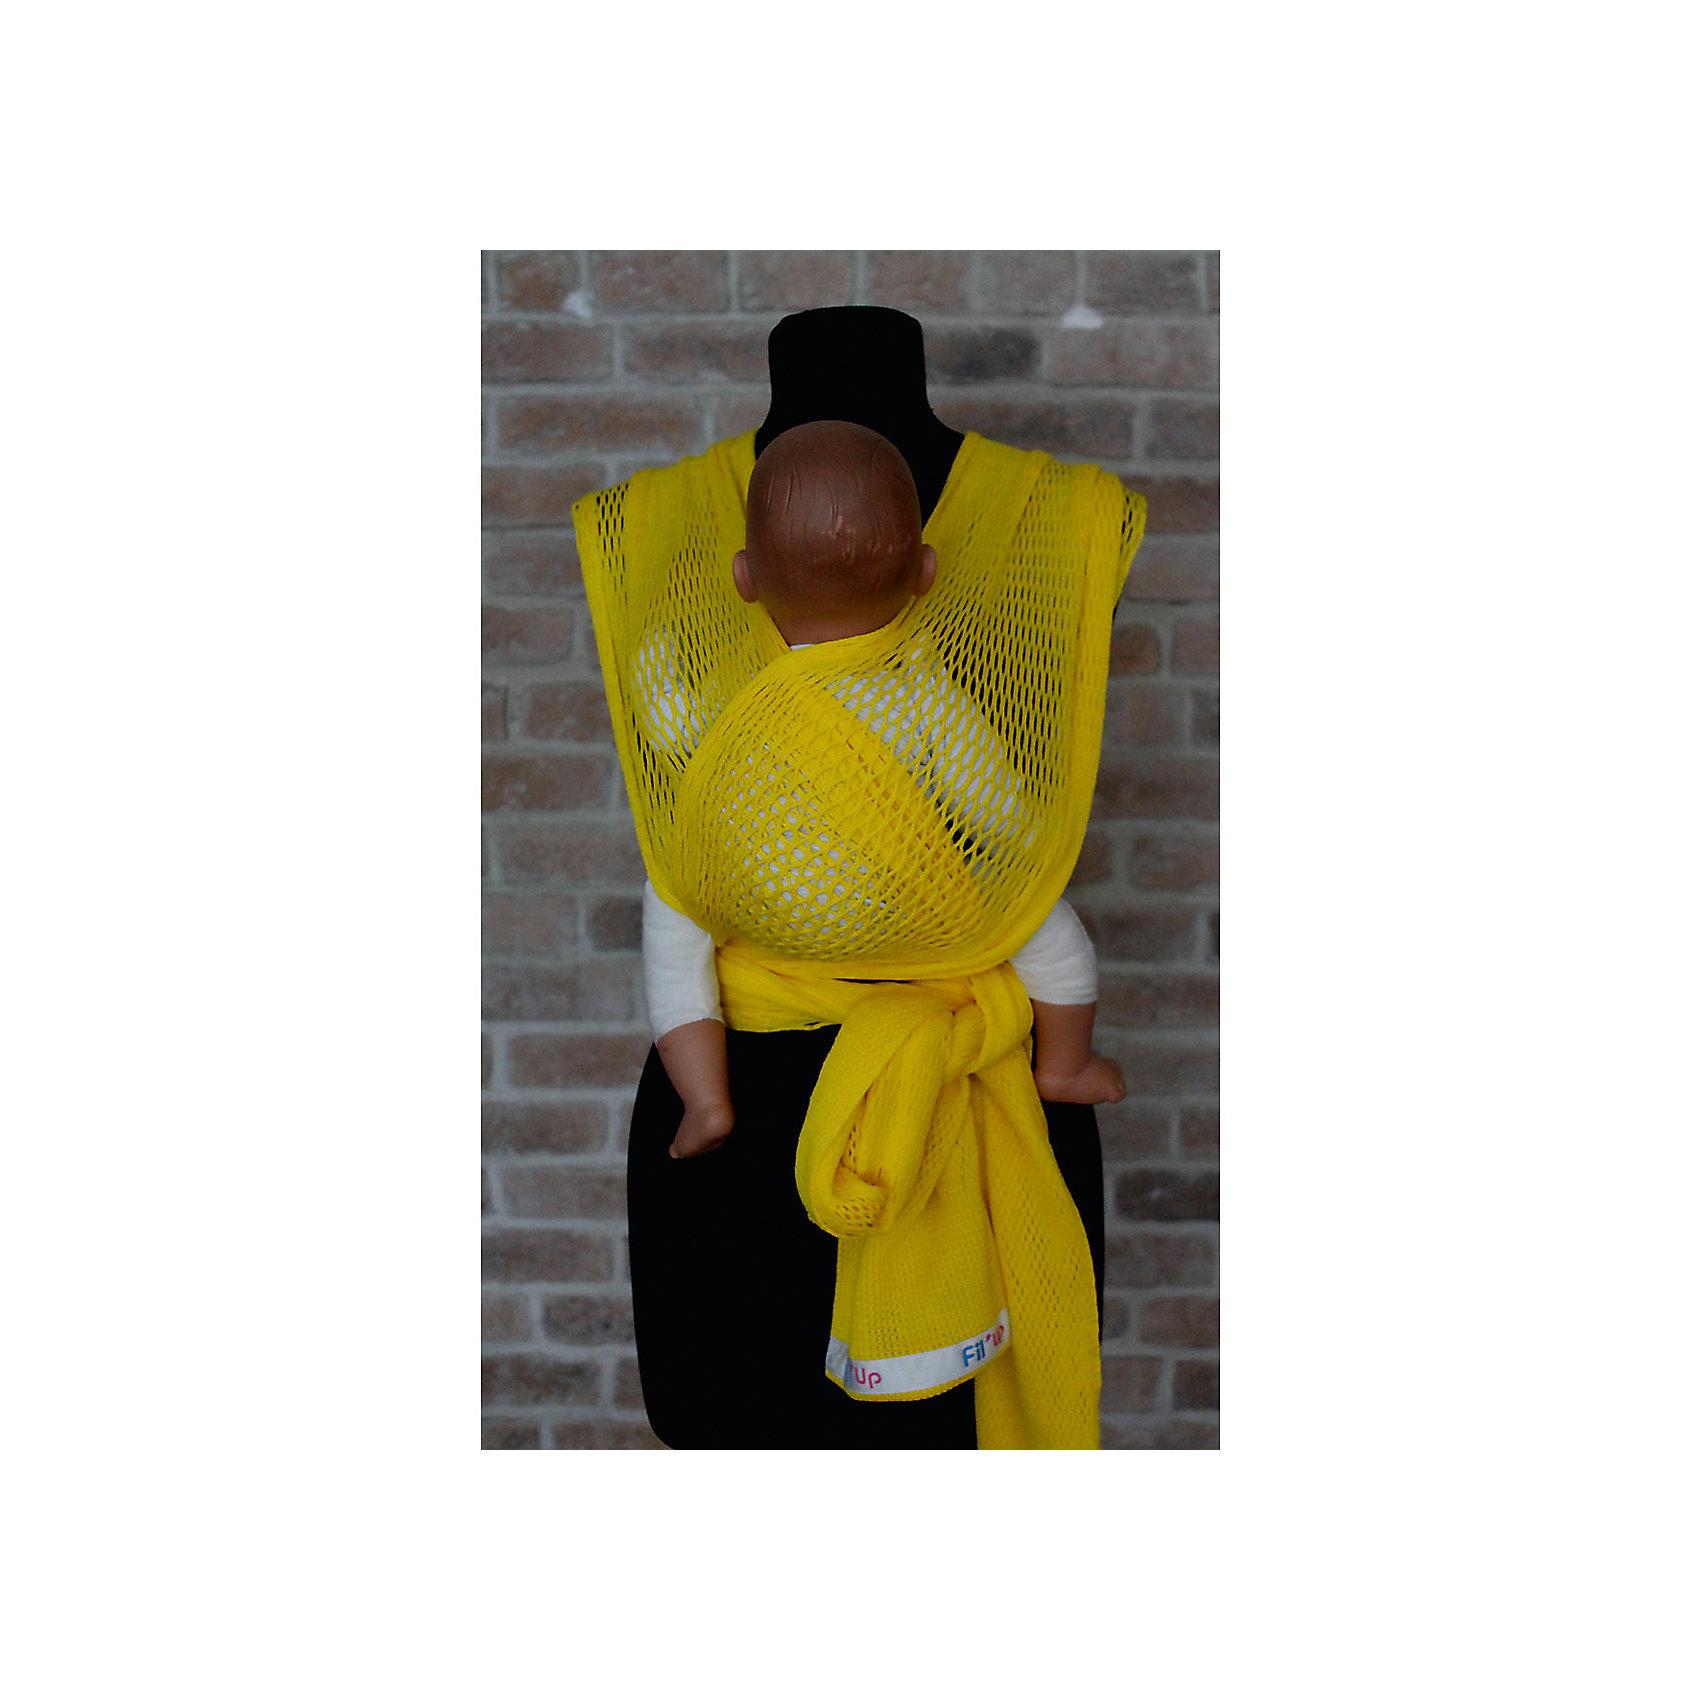 Слинг-шарф из хлопка плетеный размер l-xl, Филап, Filt, желтыйСлинги и рюкзаки-переноски<br>Характеристики:<br><br>• разработан совместно с врачами-ортопедами;<br>• обеспечивает оптимальную поддержку ребенка;<br>• легко наматывается;<br>• два способа намотки: «простой крест» и «двойной крест»;<br>• равномерно распределяет нагрузку на спину;<br>• основное положение: лицом к маме;<br>• подходит для автоматической стирки при температуре 30 градусов;<br>• сумочка в комплекте;<br>• цвет: желтый;<br>• материал: хлопок;<br>• возраст ребенка: 3 месяца-2 года (до 15 кг);<br>• размер слинга: 4,8х0,5 м;<br>• размер упаковки: 24х26х7 см;<br>• вес: 430 грамм;<br>• страна бренда: Франция.<br><br>Слинг-шарф FilUp - прекрасный вариант для любого сезона. Главная особенность модели - сетчатое плетение из натурального хлопка. Такой вид полотна не позволит ребенку перегреться за счет отсутствия дополнительного слоя ткани, свойственного для обычных слингов.<br><br>Возможны три положения ребенка в слинге: лицом к маме, на боку и за спиной. Полотно слинг-шарфа легко растягивается и обладает необходимой упругостью для правильной посадки ребенка.<br><br>Концы слинга сделаны более узкими, чтобы вы могли убрать лишнюю ткань. Средняя, более широкая часть поддерживает ножки ребенка в позе «лягушки», что немаловажно для правильного развития тазобедренных суставов. <br><br>Слинг-шарф подходит для ручной и автоматической стирки при температуре 30 градусов. Длина полотна - 4,8 метра. Ширина полотна - 0,5 метра. Подходит для детей от 3-4-х месяцев до 1,5-2-х лет (весом до 15 килограммов). В комплект входит сумочка-авоська, которая подойдет для бутылочек, салфеток и прочих необходимых предметов.<br><br>Слинг-шарф из хлопка плетеный размер l-xl, Филап, Filt (Филт), желтый можно купить в нашем интернет-магазине.<br><br>Ширина мм: 800<br>Глубина мм: 800<br>Высота мм: 50<br>Вес г: 500<br>Возраст от месяцев: 0<br>Возраст до месяцев: 12<br>Пол: Унисекс<br>Возраст: Детский<br>SKU: 5445097